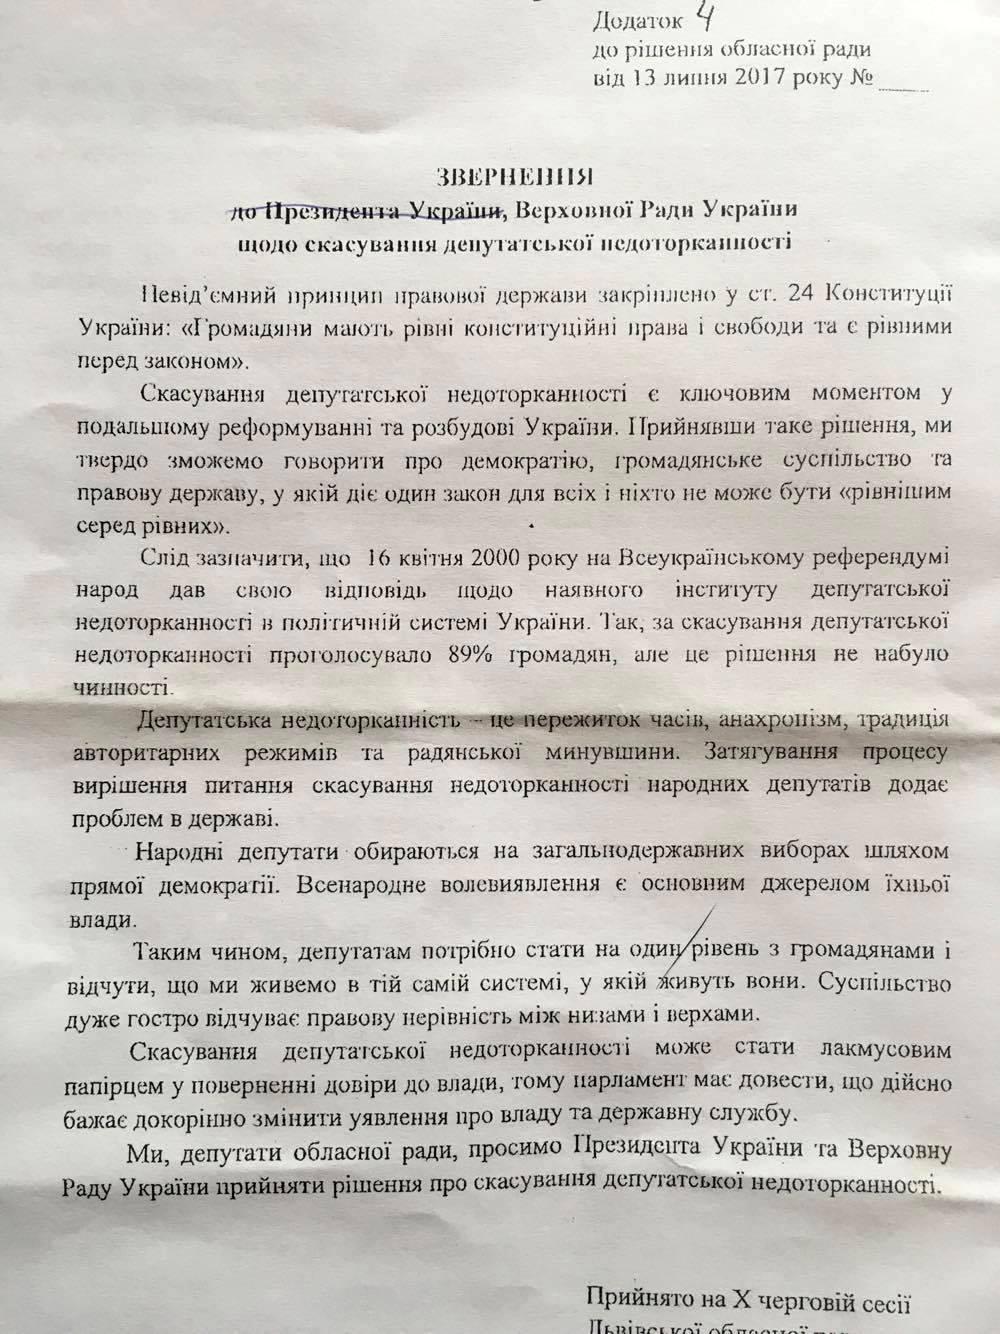 Депутати Львівської облради вимагають скасувати депутатську недоторканність